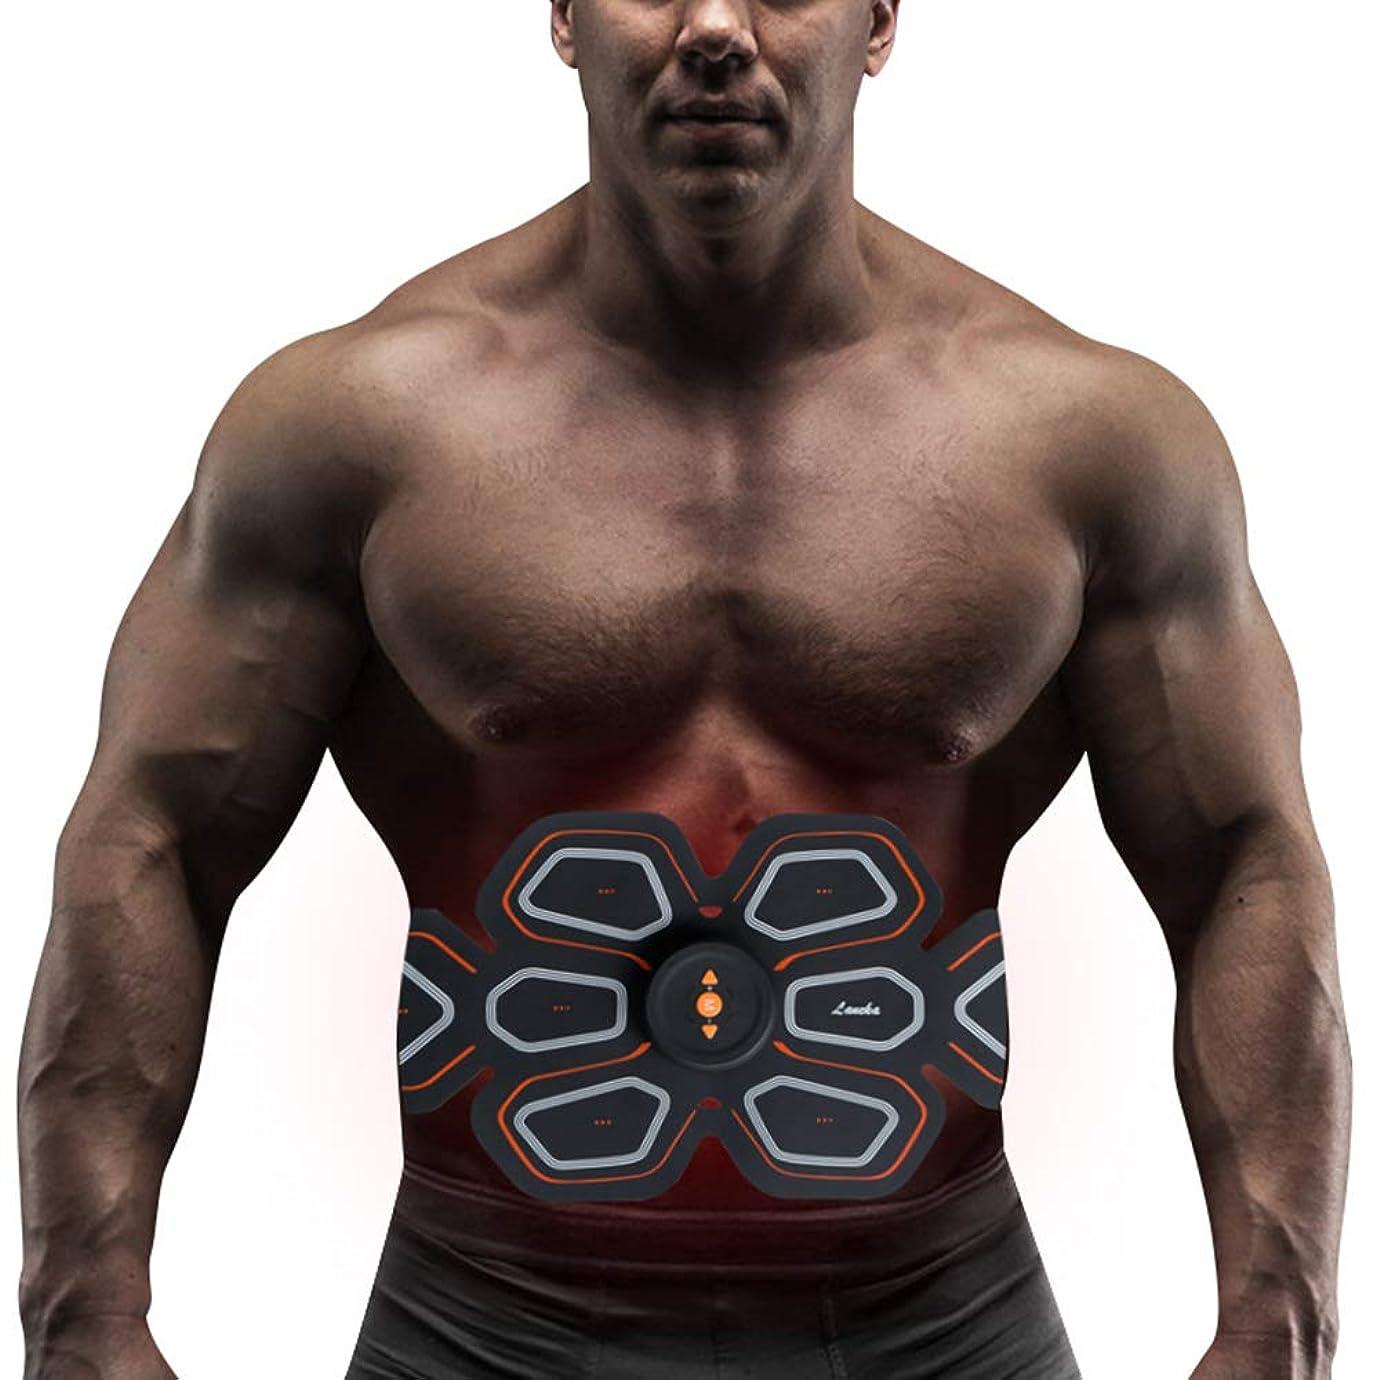 やむを得ないタフ話をするスマート腹部筋肉トレーナーusb電気マッサージフィットネス機器EMS筋肉刺激装置体重減少マッサージスポーツフィットネス機器ユニセックス